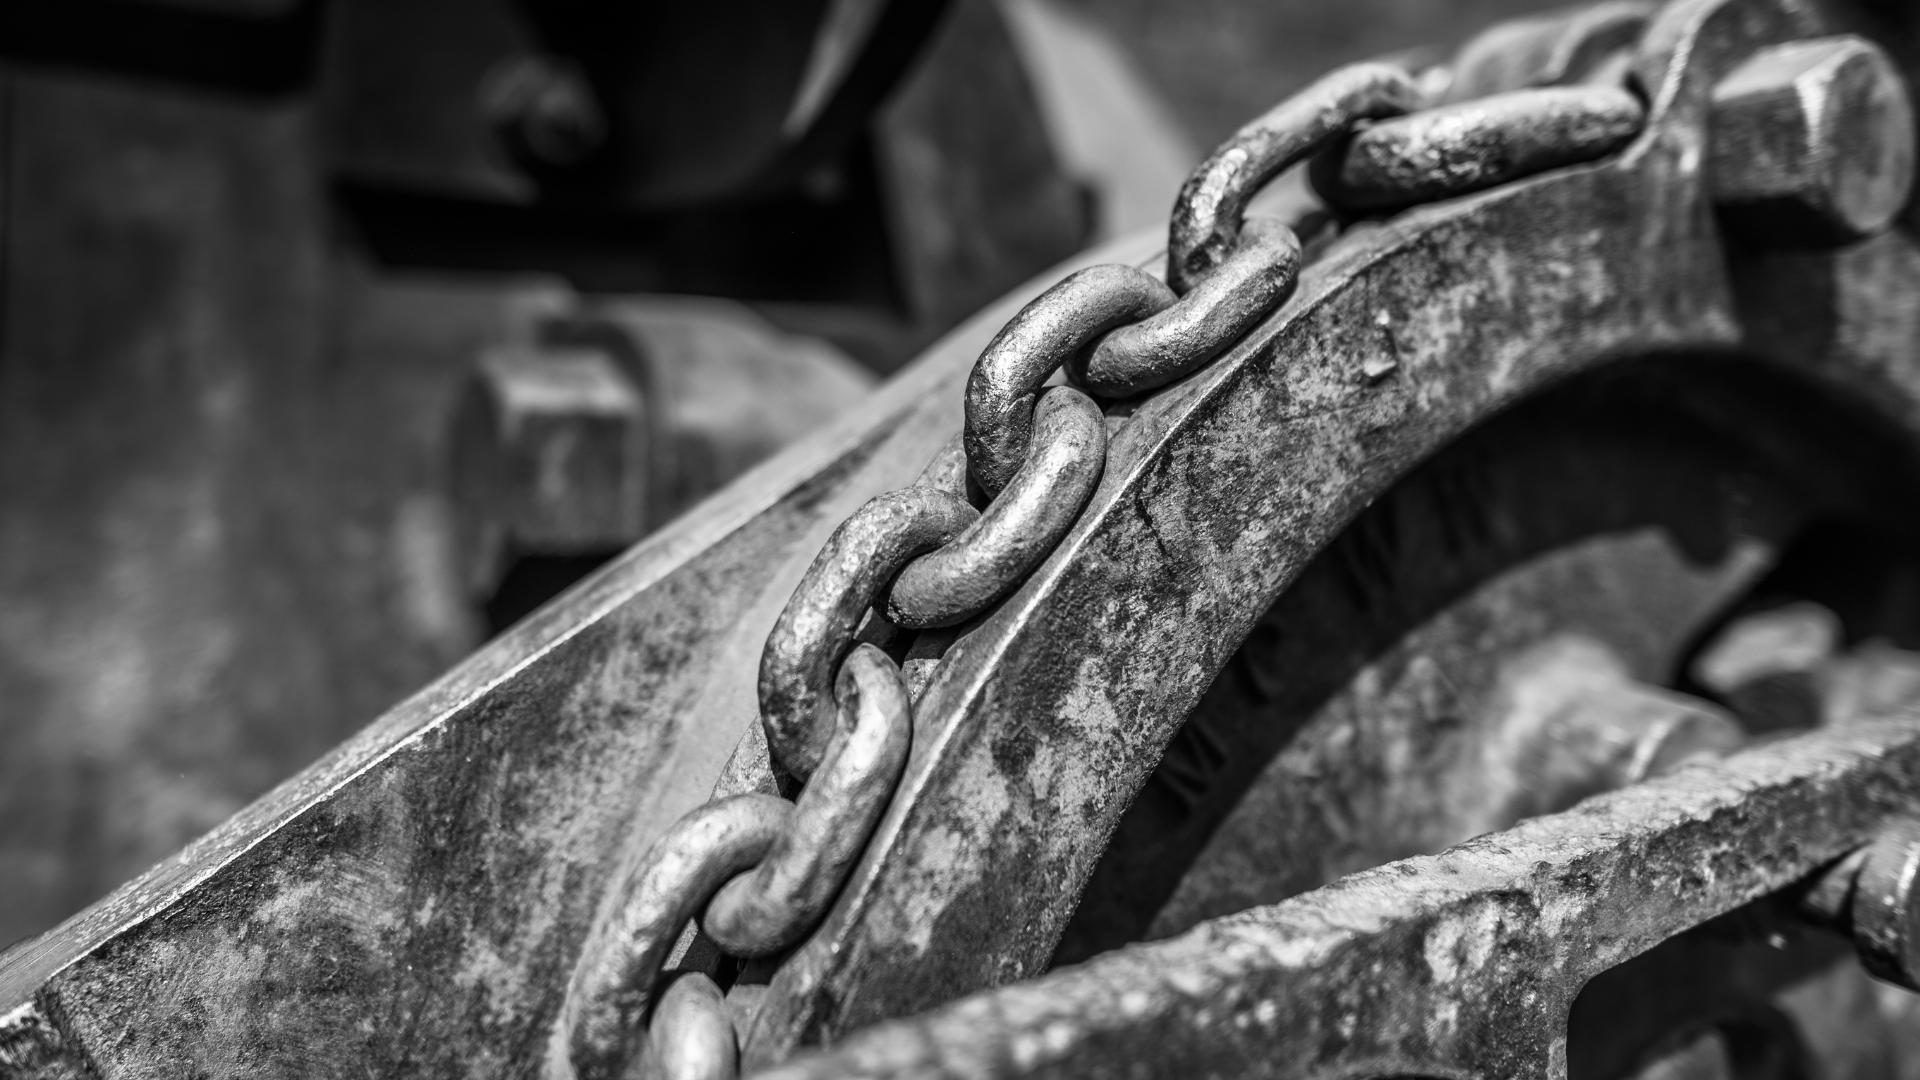 łańcuchy przemysłowe